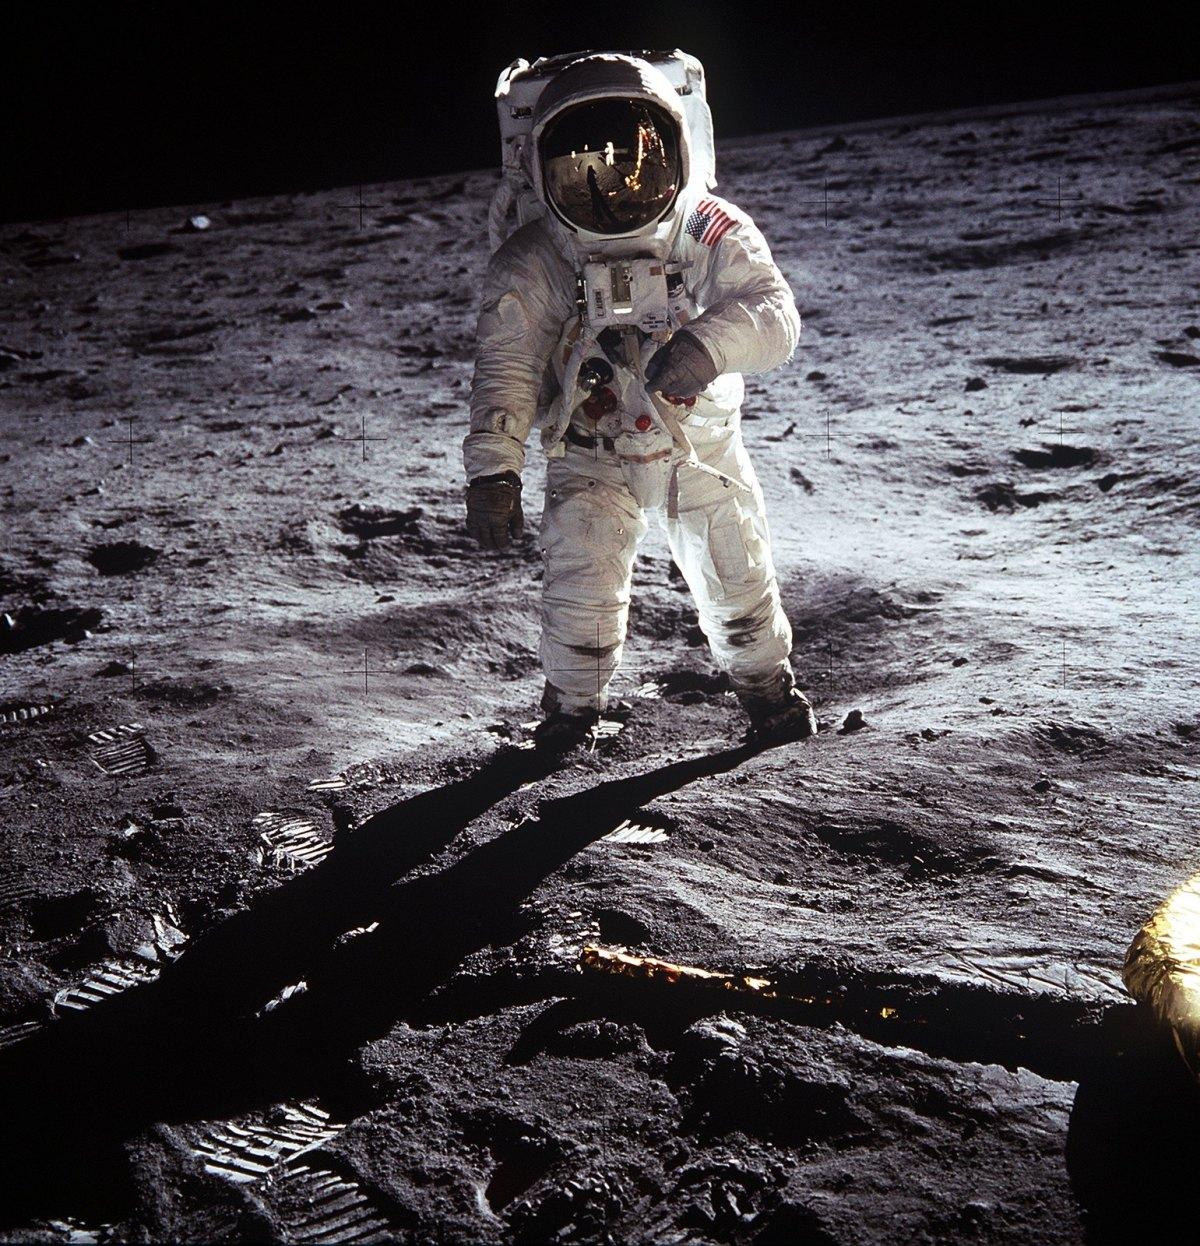 Astronaute Edwin E. Aldrin Jr., pilote du module lunaire, marchant a la surface de la Lune a cote du module lunaire (LM) durant Apollo 11 (EVA) © NASA - as11-40-5903 - 20 Juillet 1969